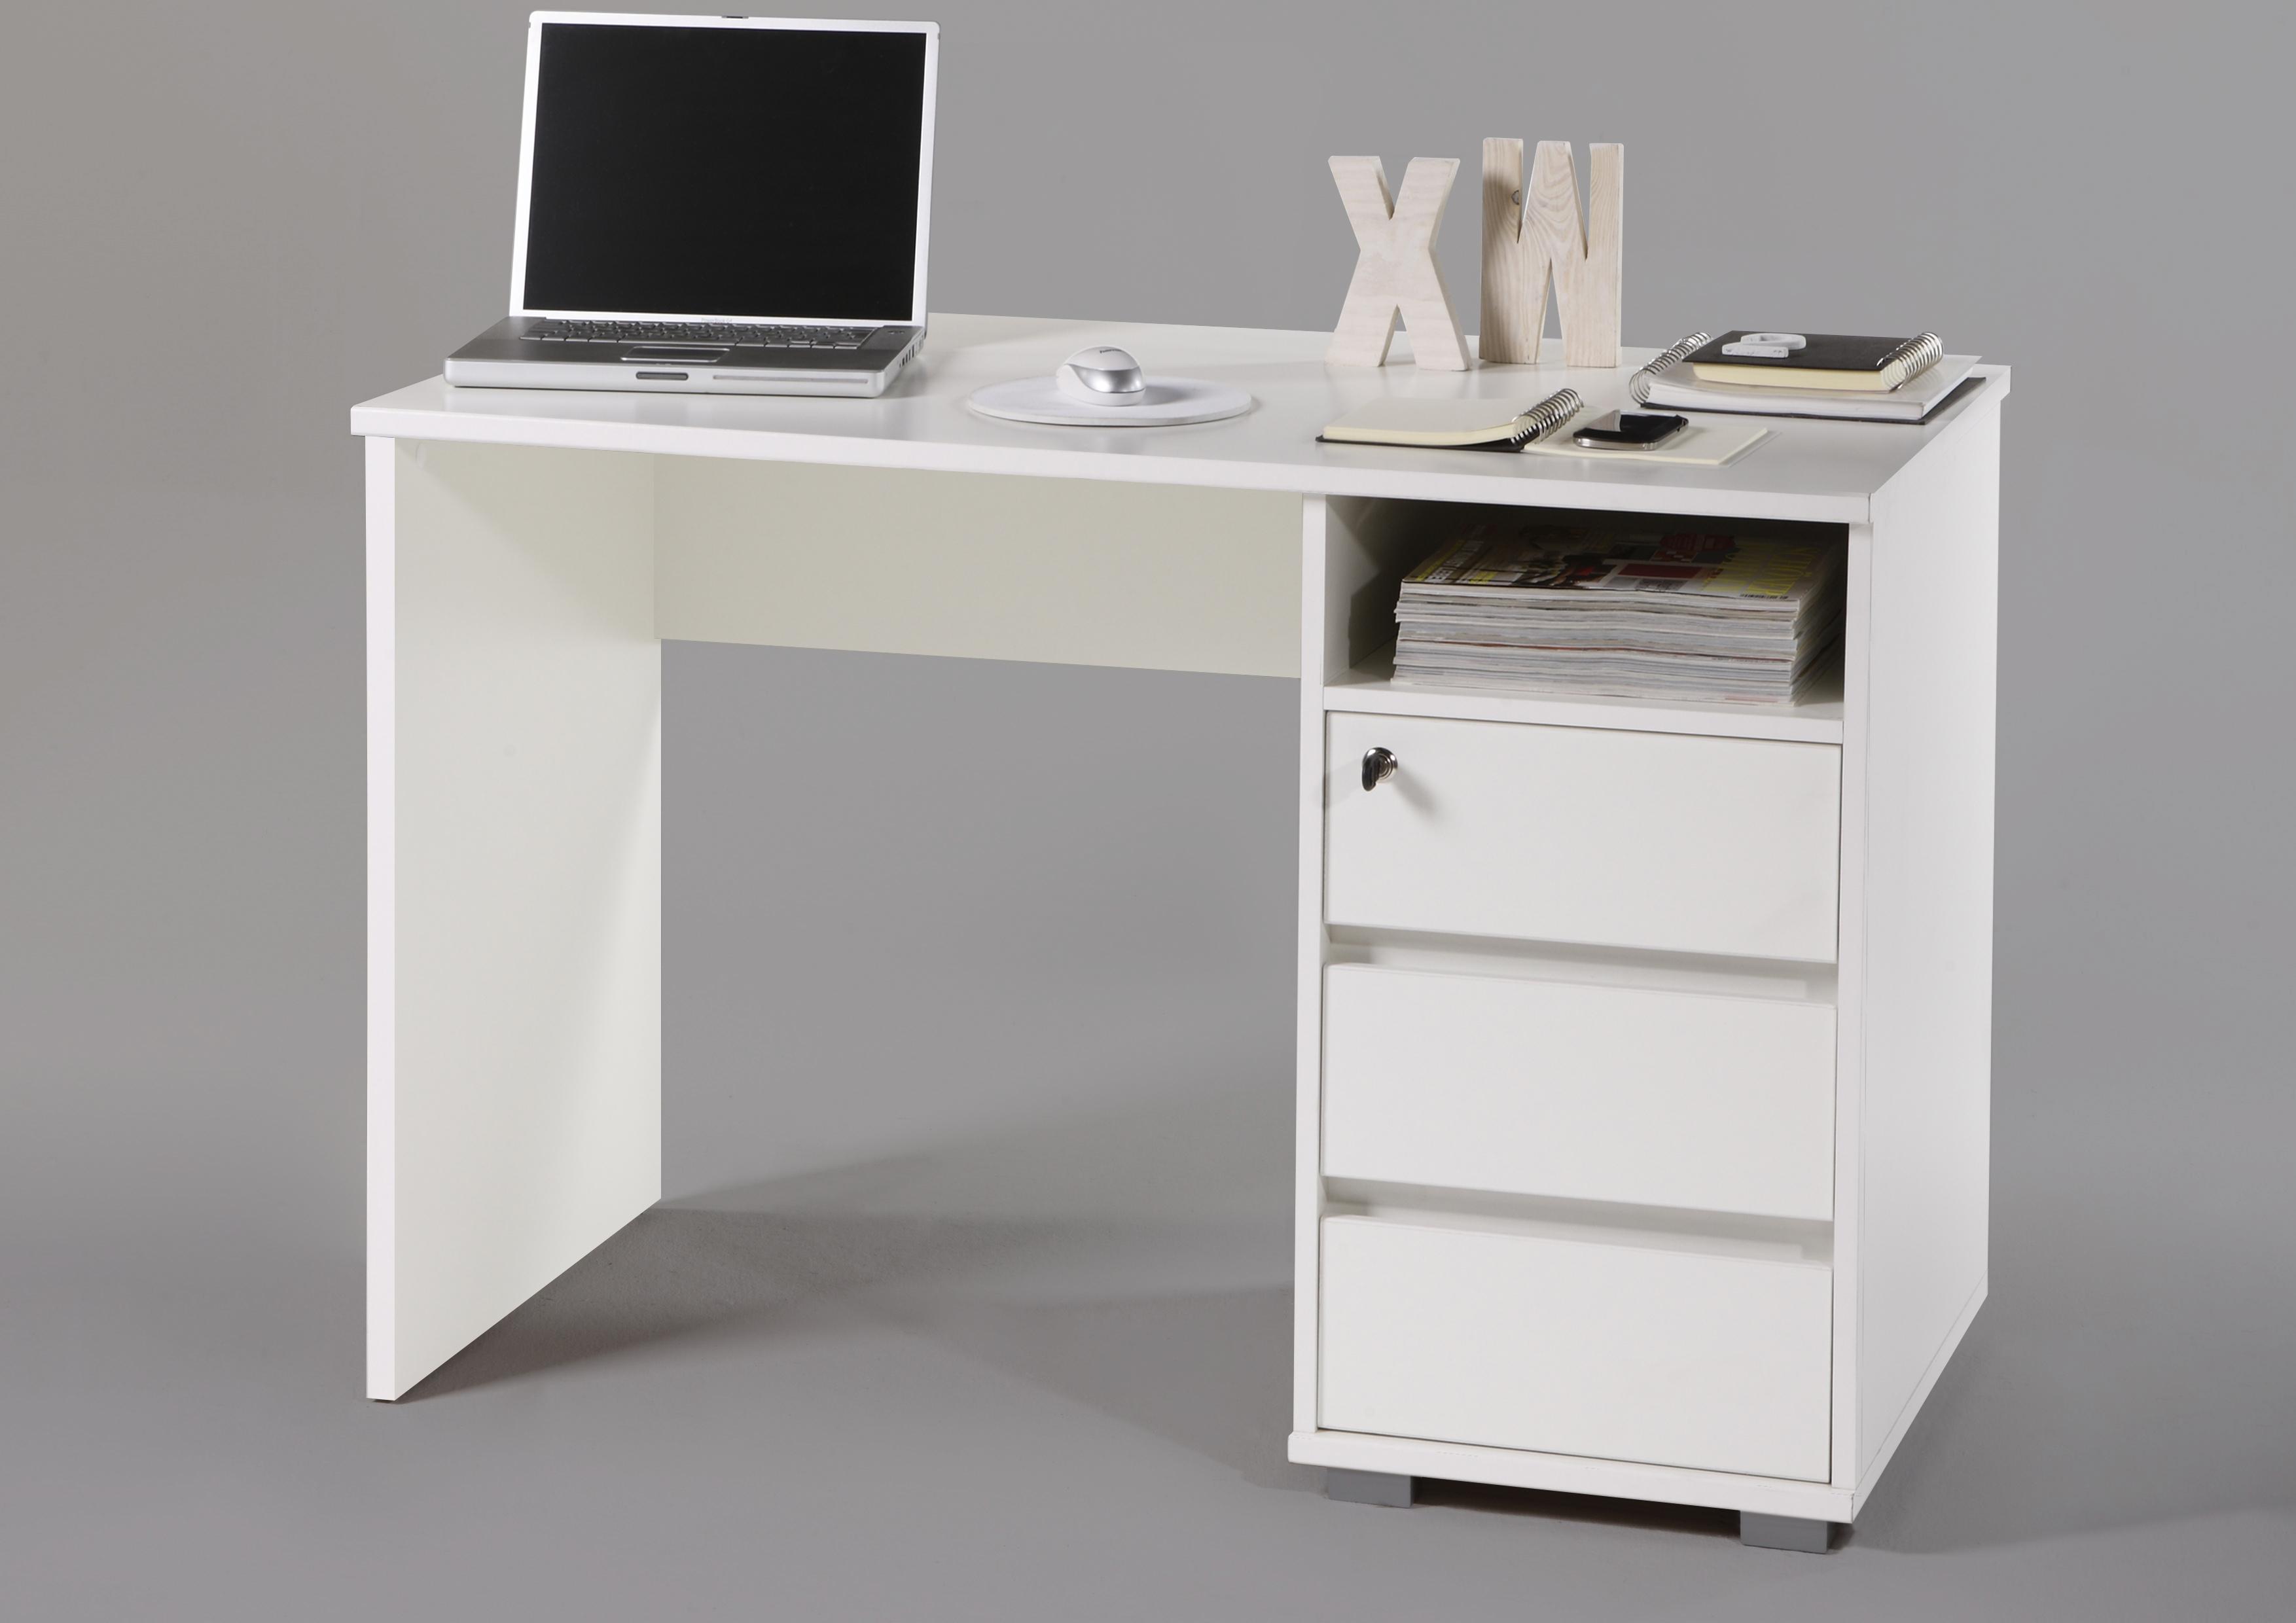 schreibtisch primus pc tisch computertisch home office. Black Bedroom Furniture Sets. Home Design Ideas